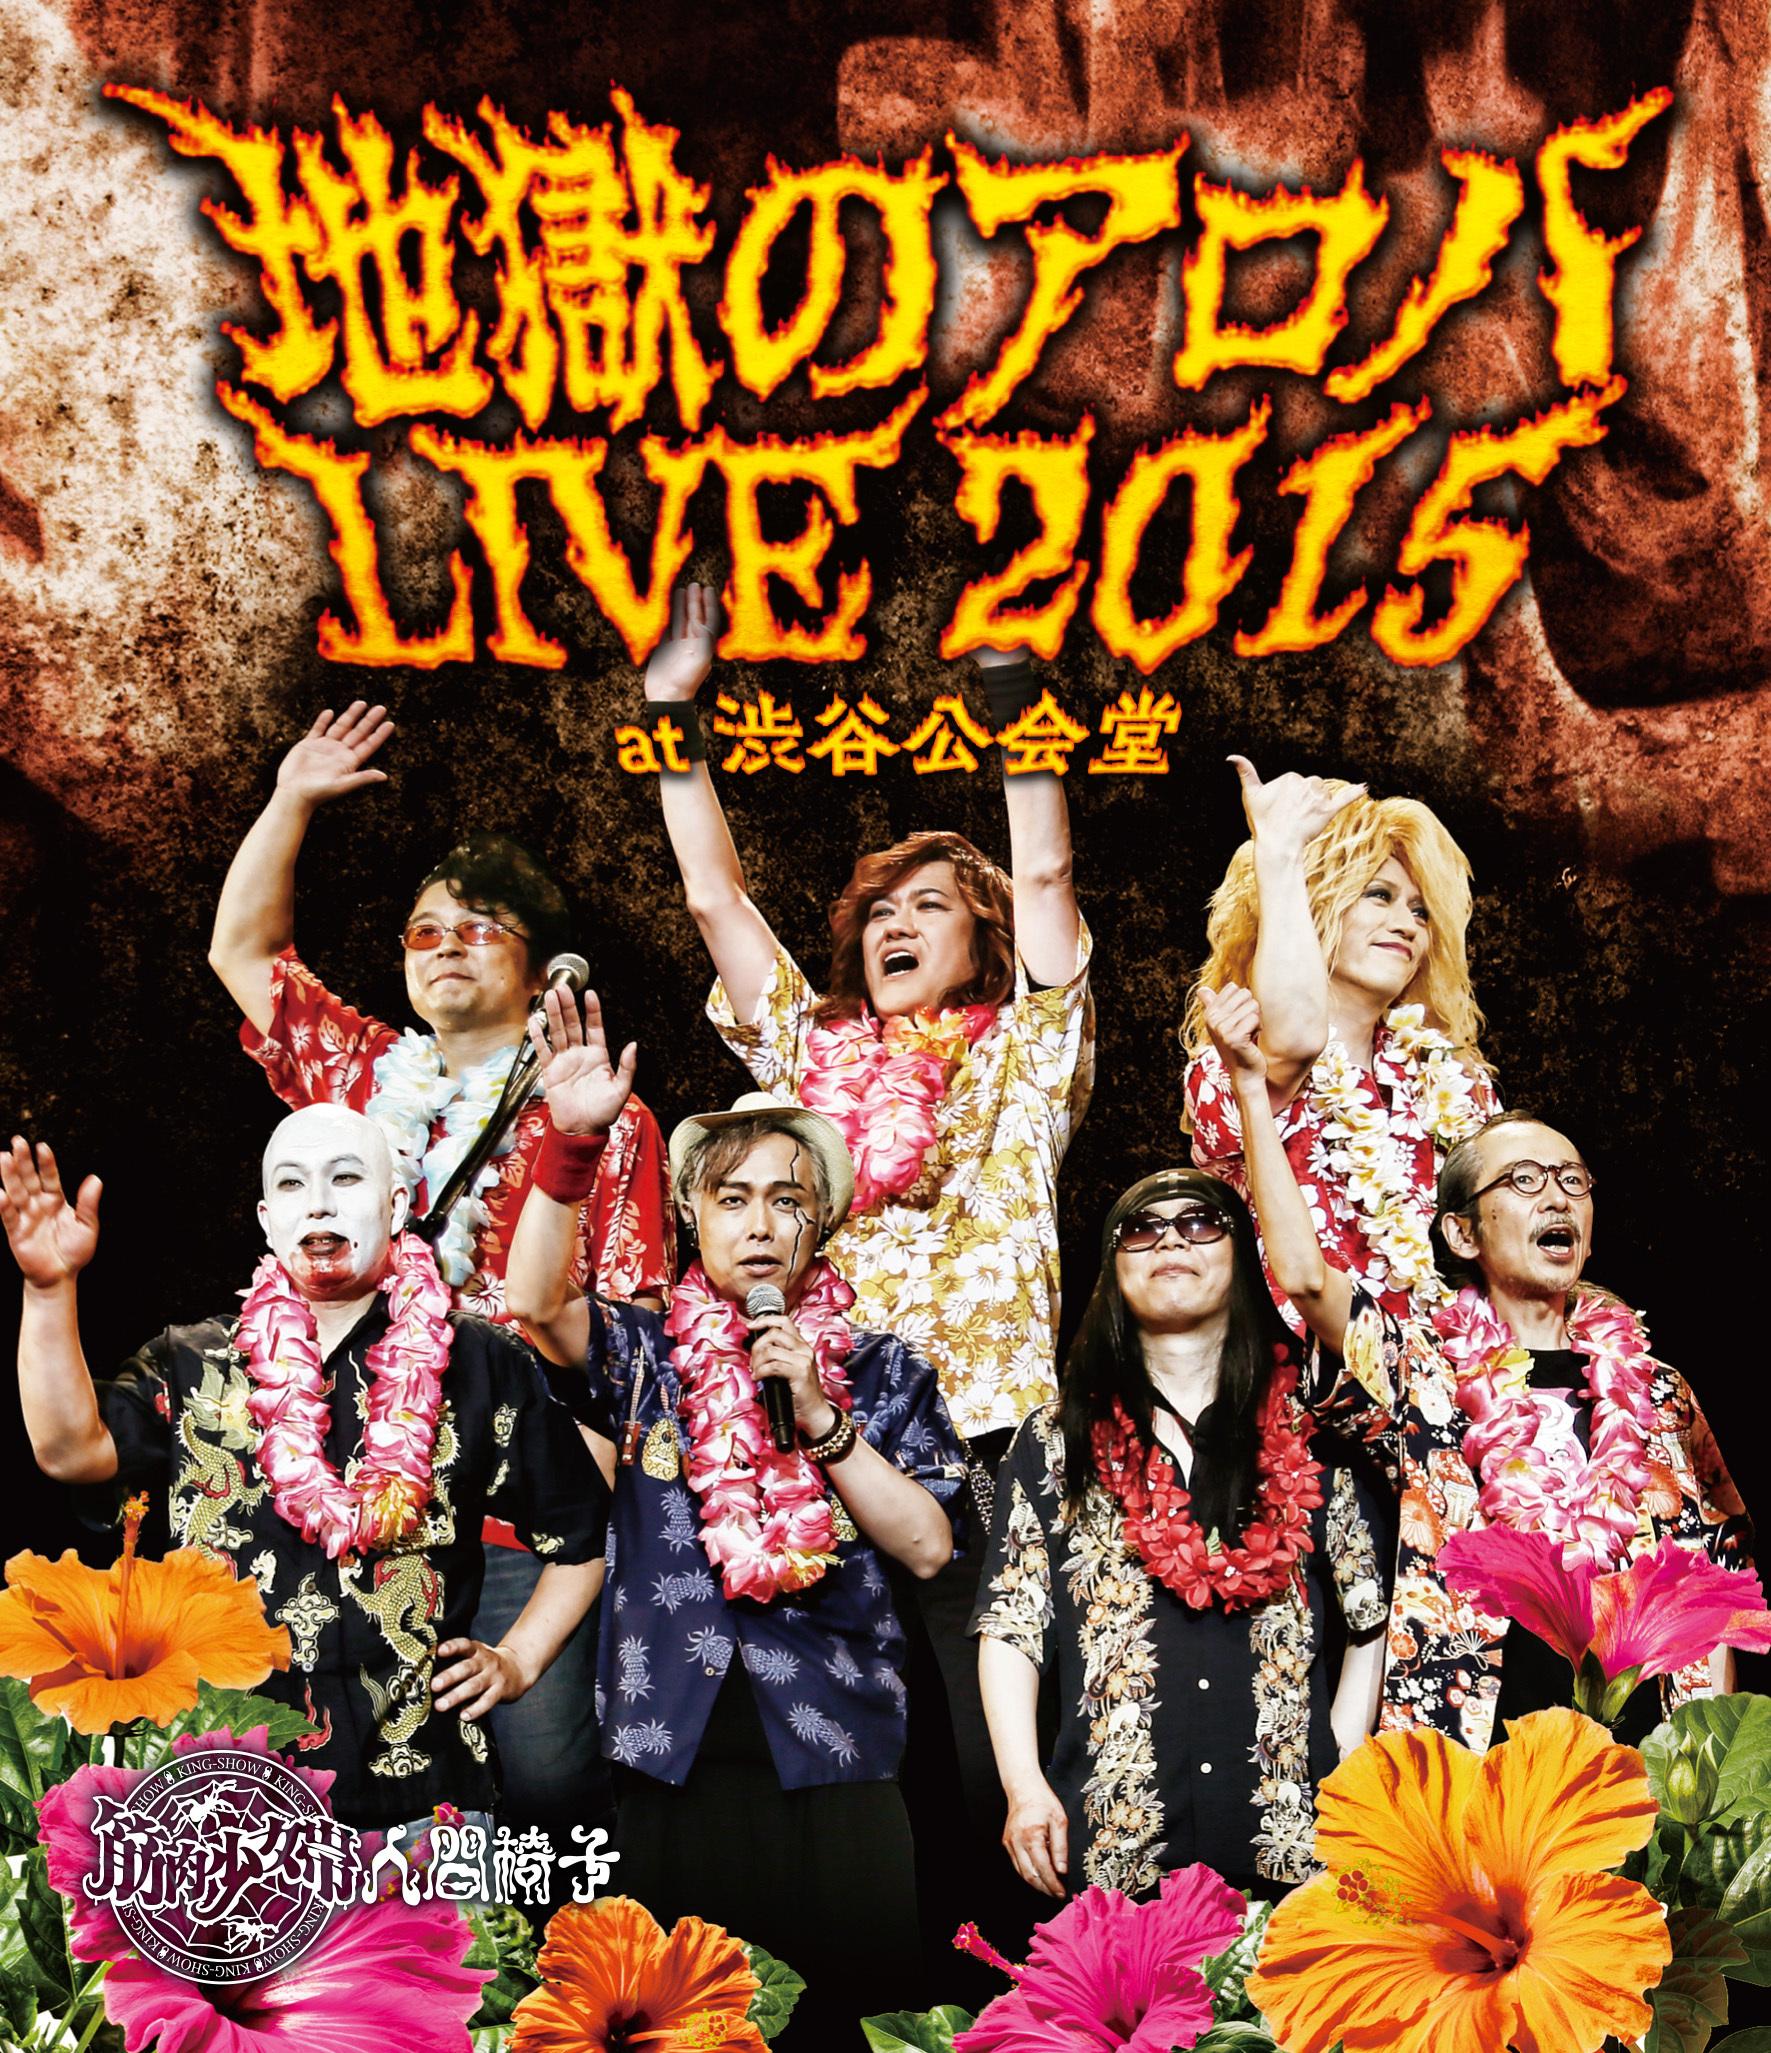 筋肉少女帯人間椅子『地獄のアロハLIVE 2015 at 渋谷公会堂』Blu-ray